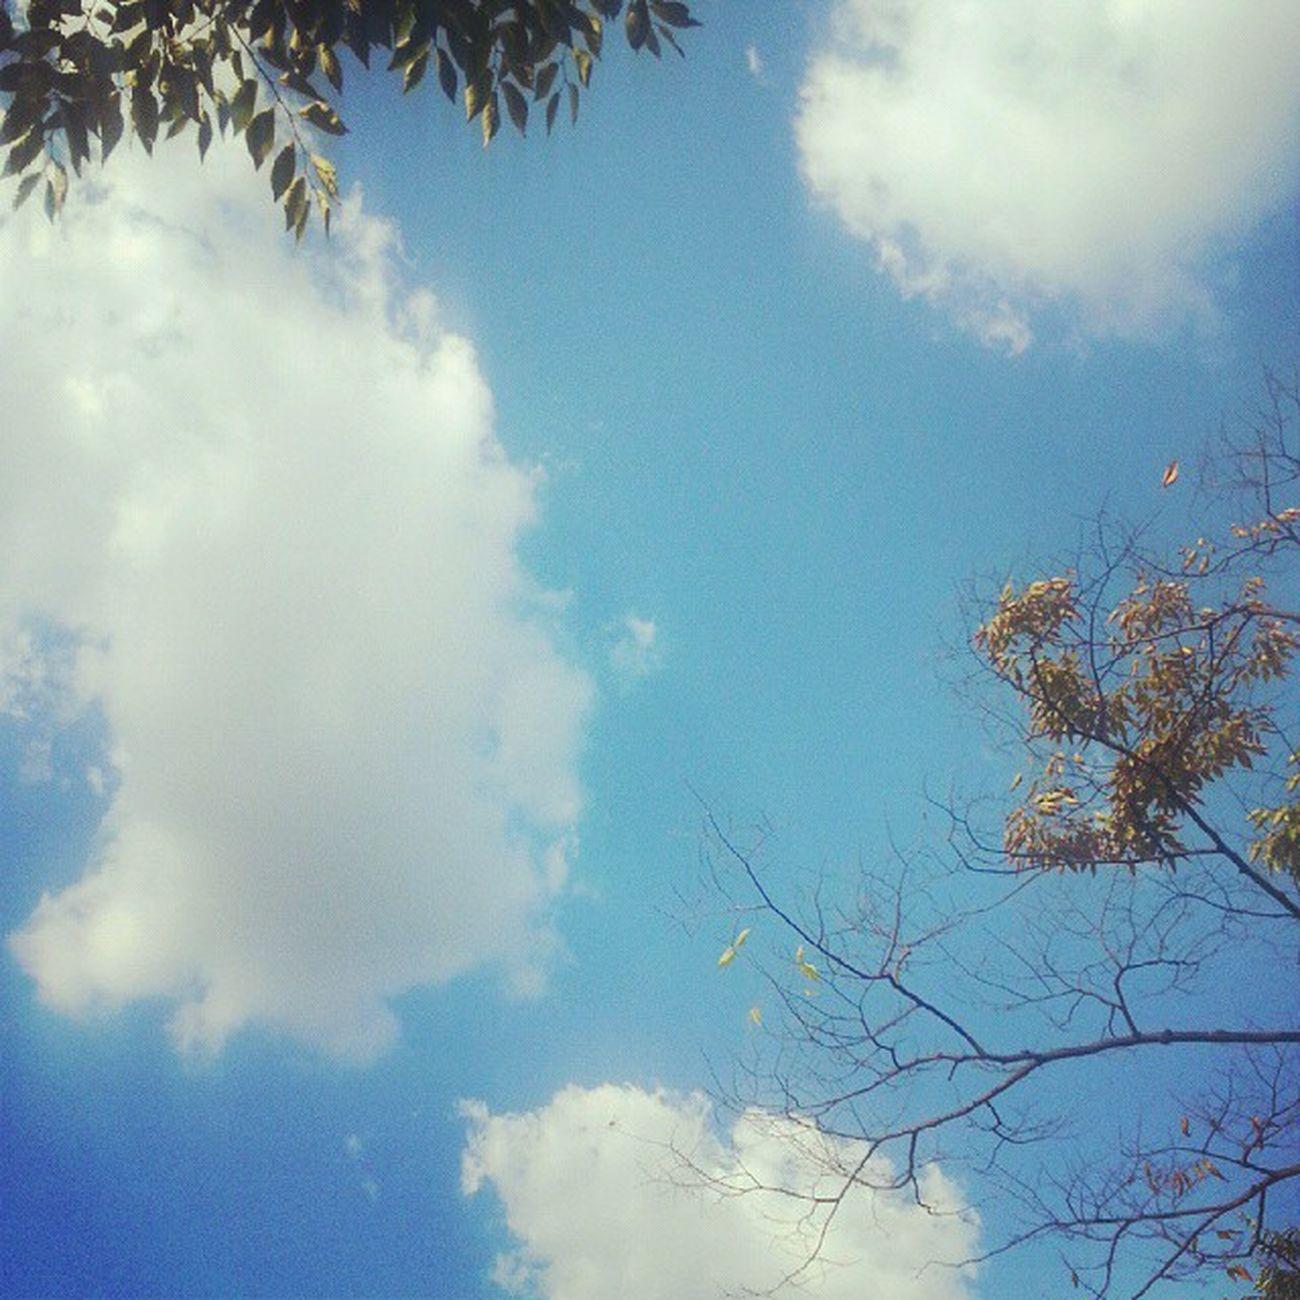 오늘 하늘 구름 두둥실 날씨좋다 안양예술공원